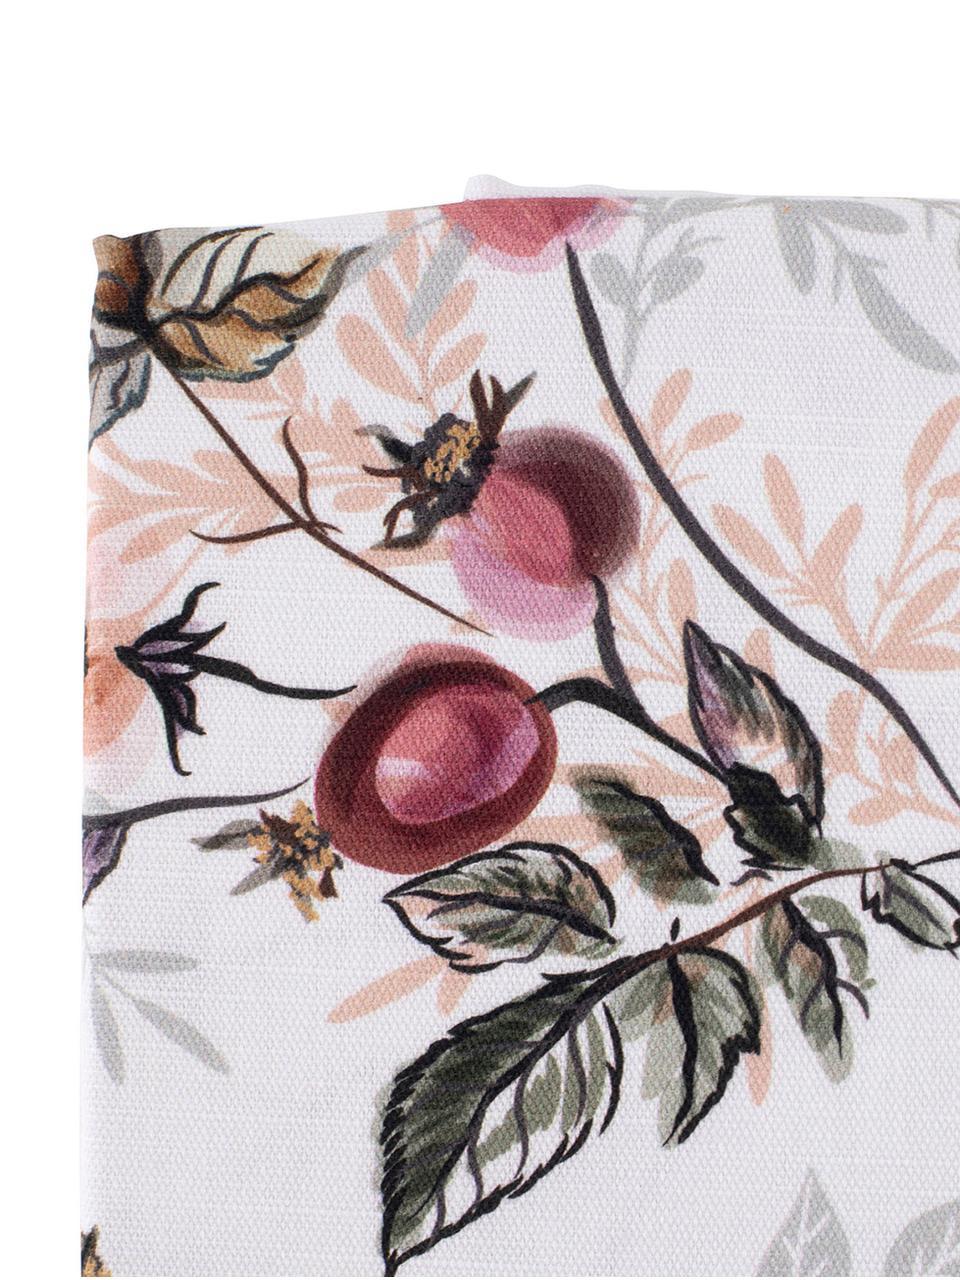 Tovaglia in cotone con motivo floreale Beas, Cotone, Rosa, bianco, Per 6-8 persone (Larg.160 x Lung. 260 cm)